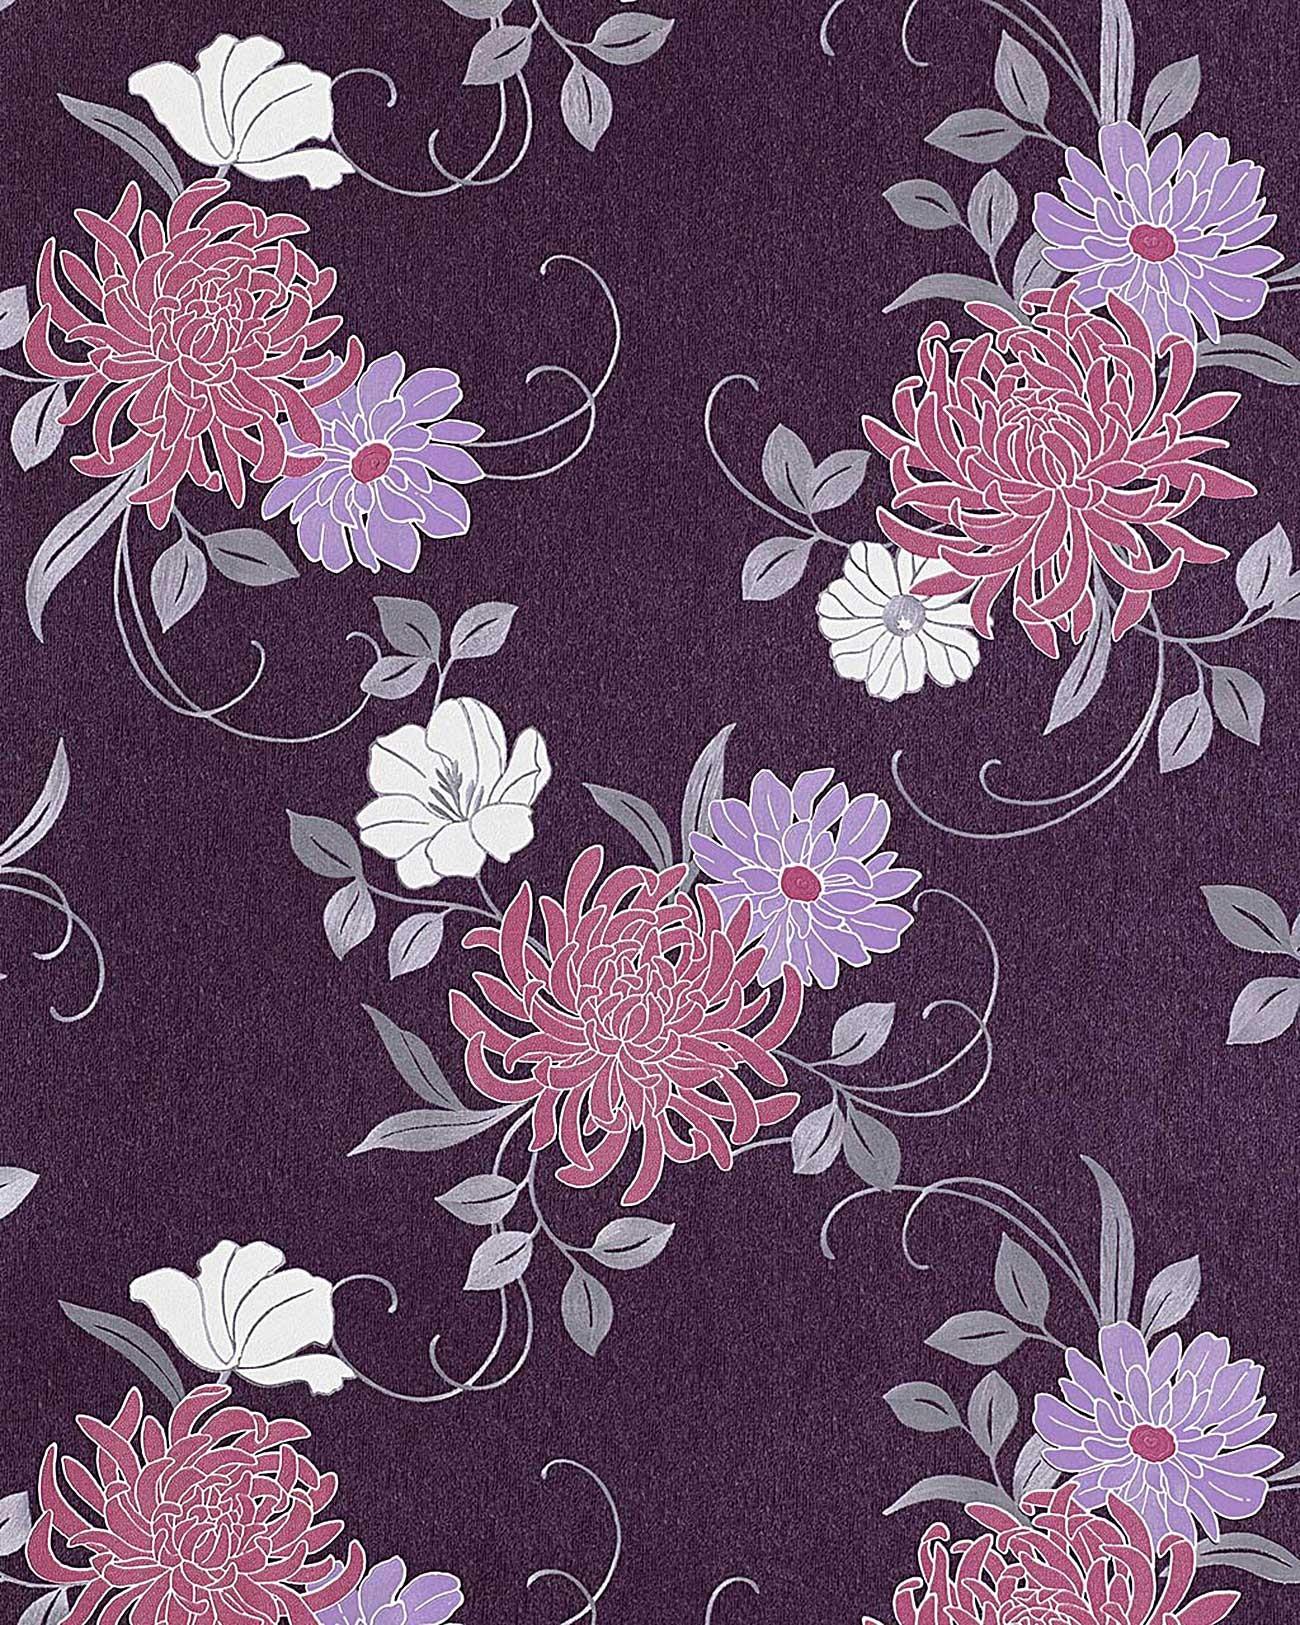 Blumen Tapete Edem   Hochwertige Gepragte Floral Blumentapete Violett Flieder Hell Lila Platin